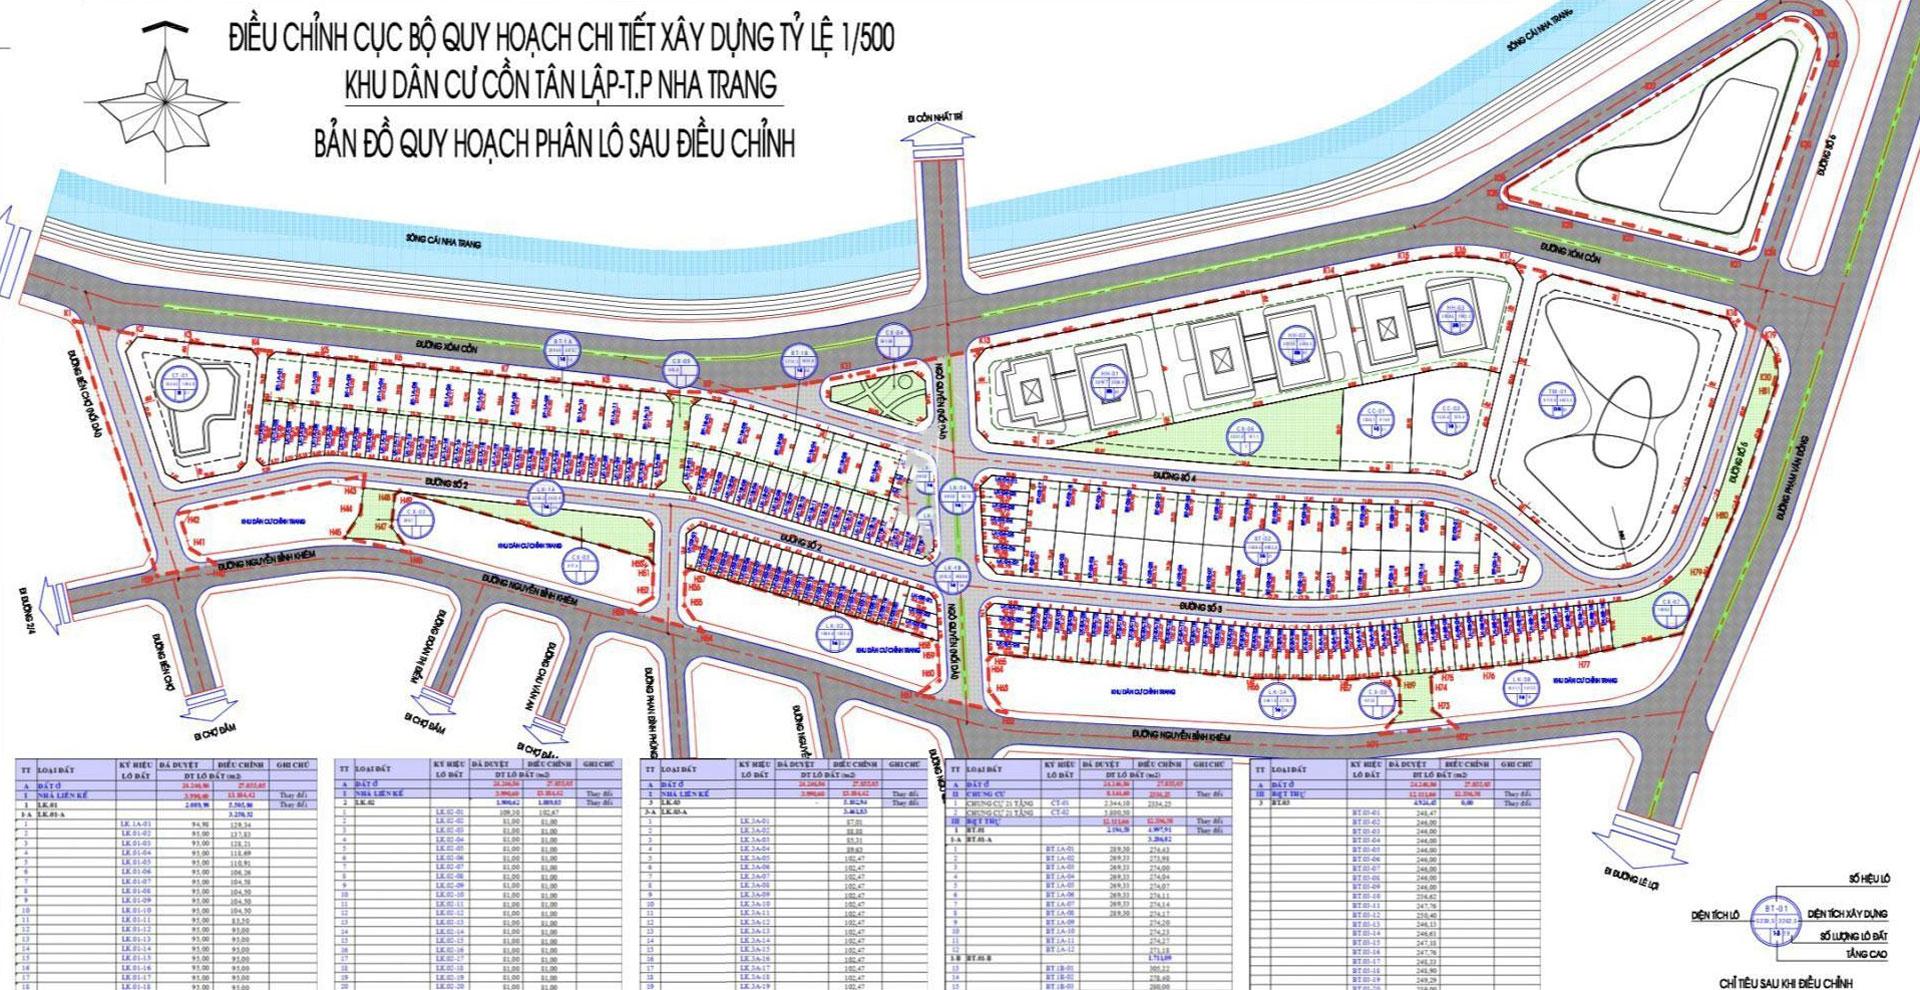 Quy hoạch Tổng thể Căn hộ The Aston Nha Trang trong Khu đô thị Cồn Tân Lập